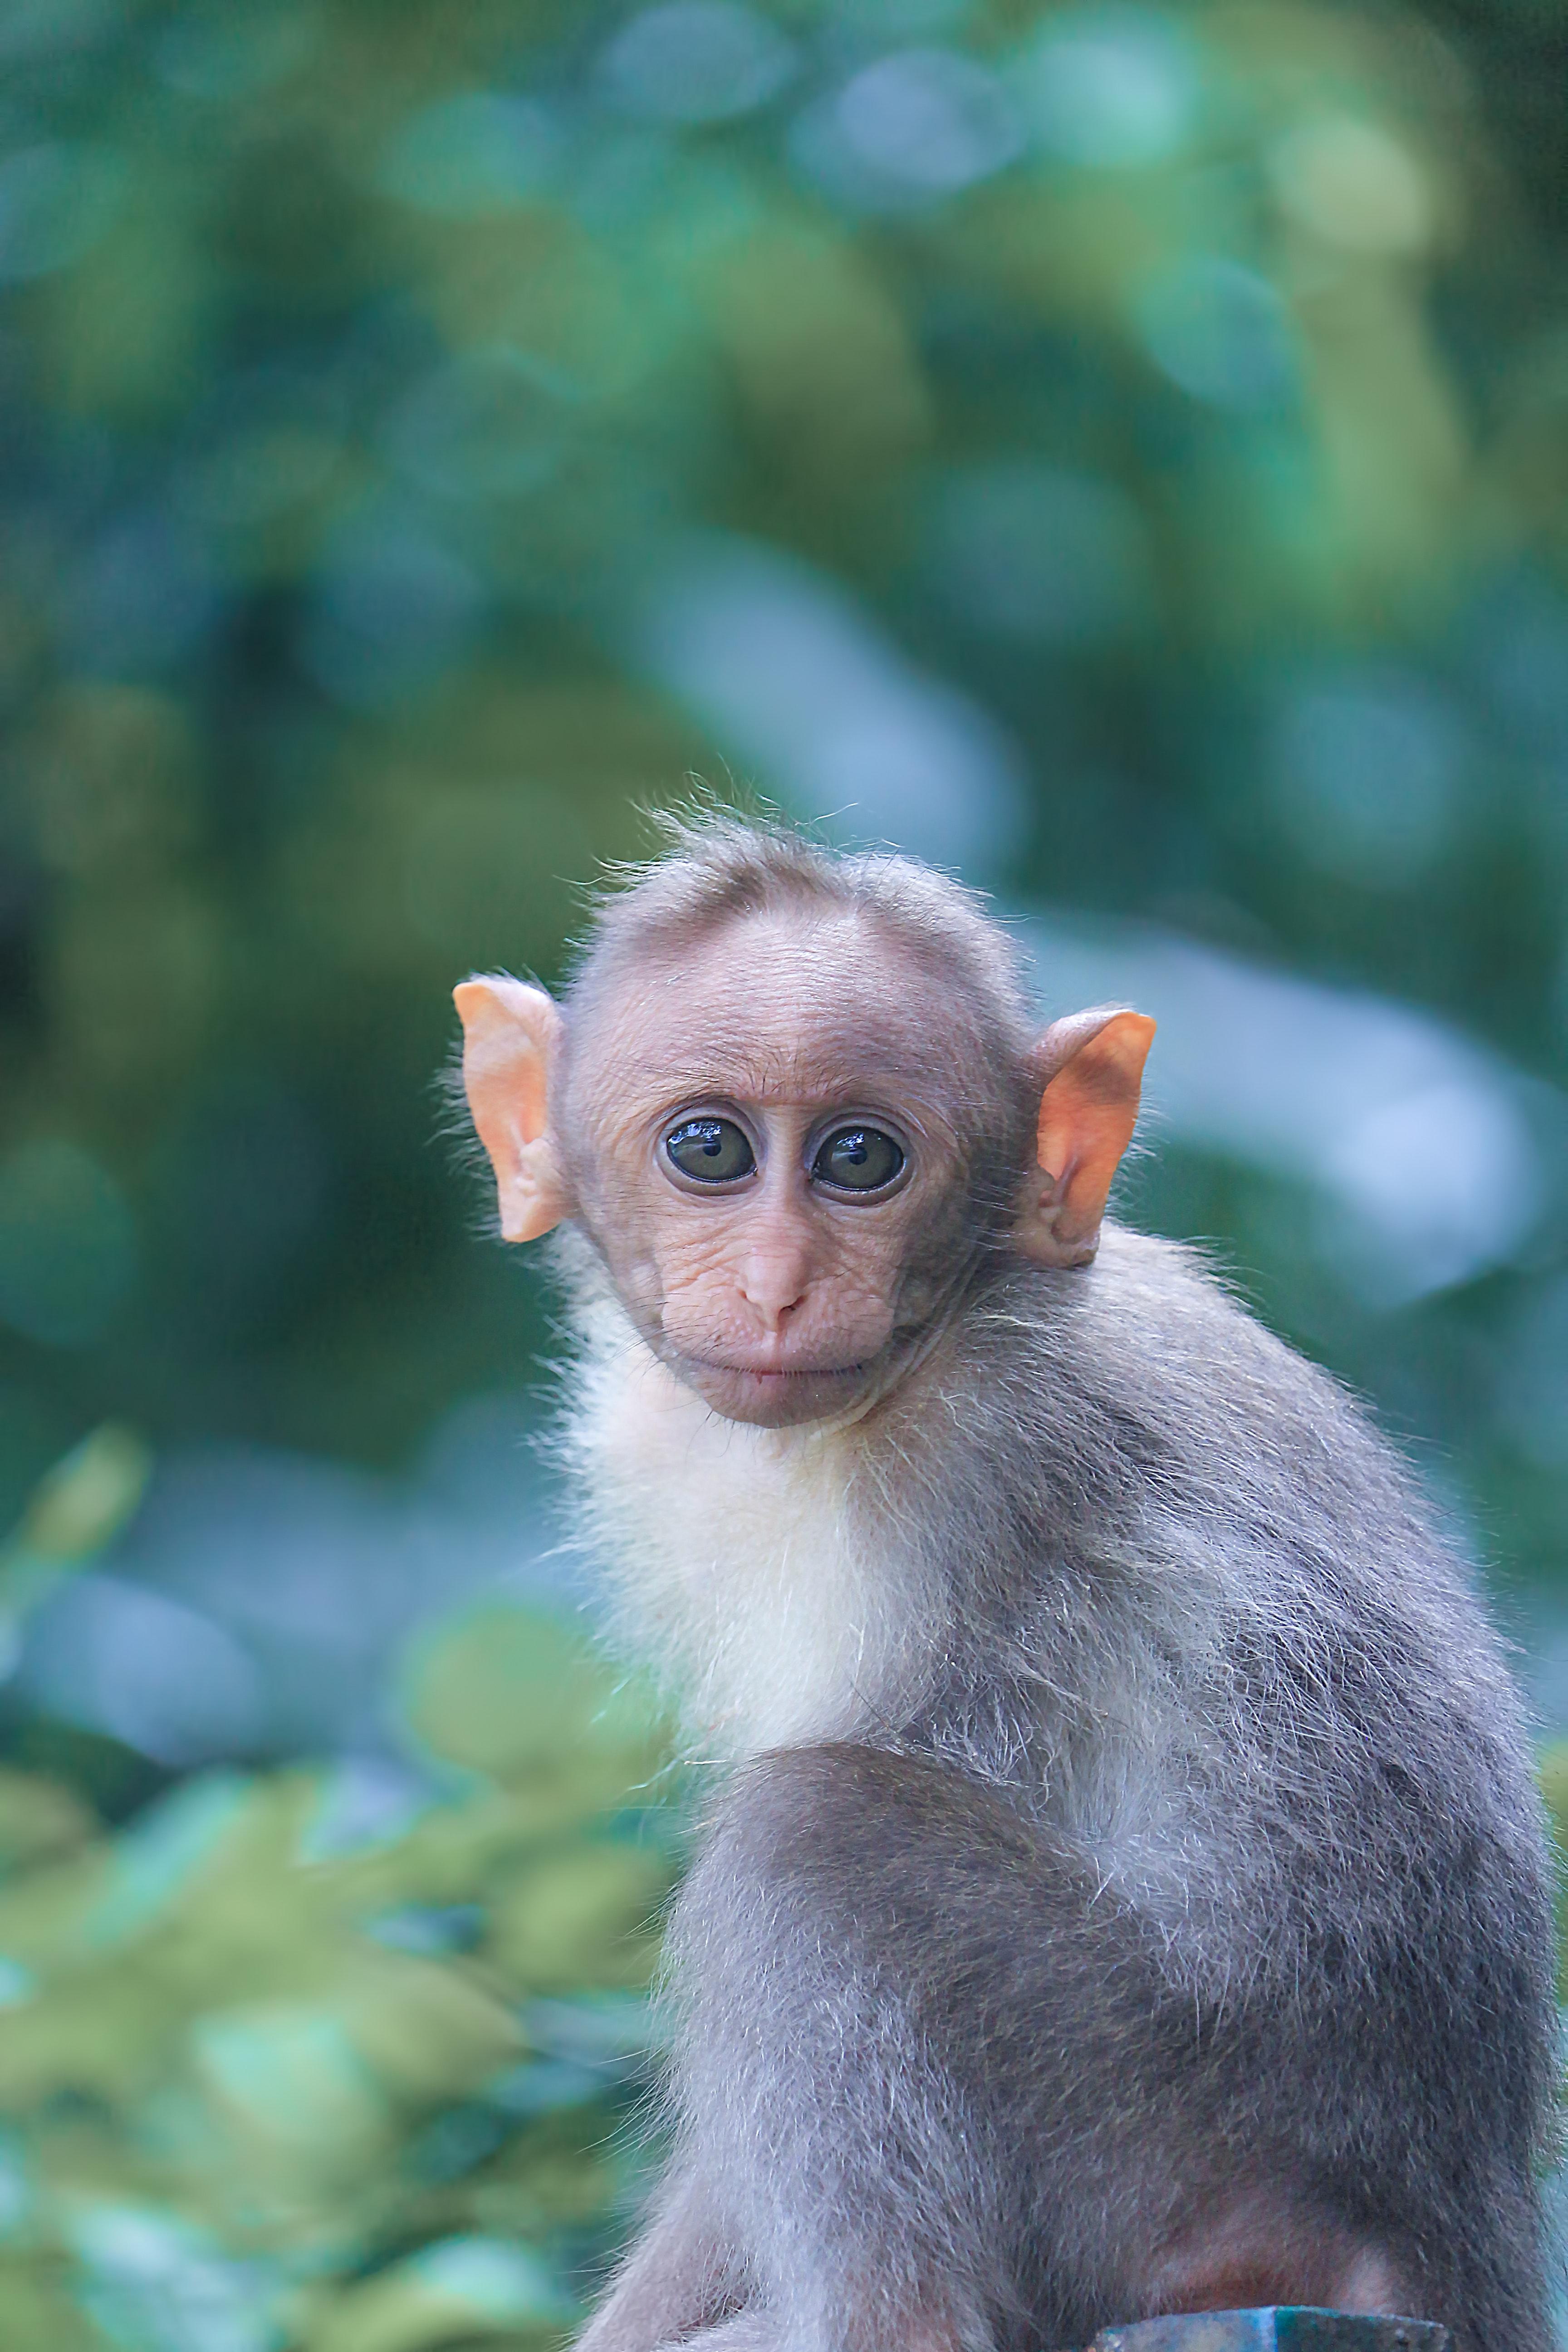 Shkenca encën përpara, krijohet hibridi I parë majmun-njeri